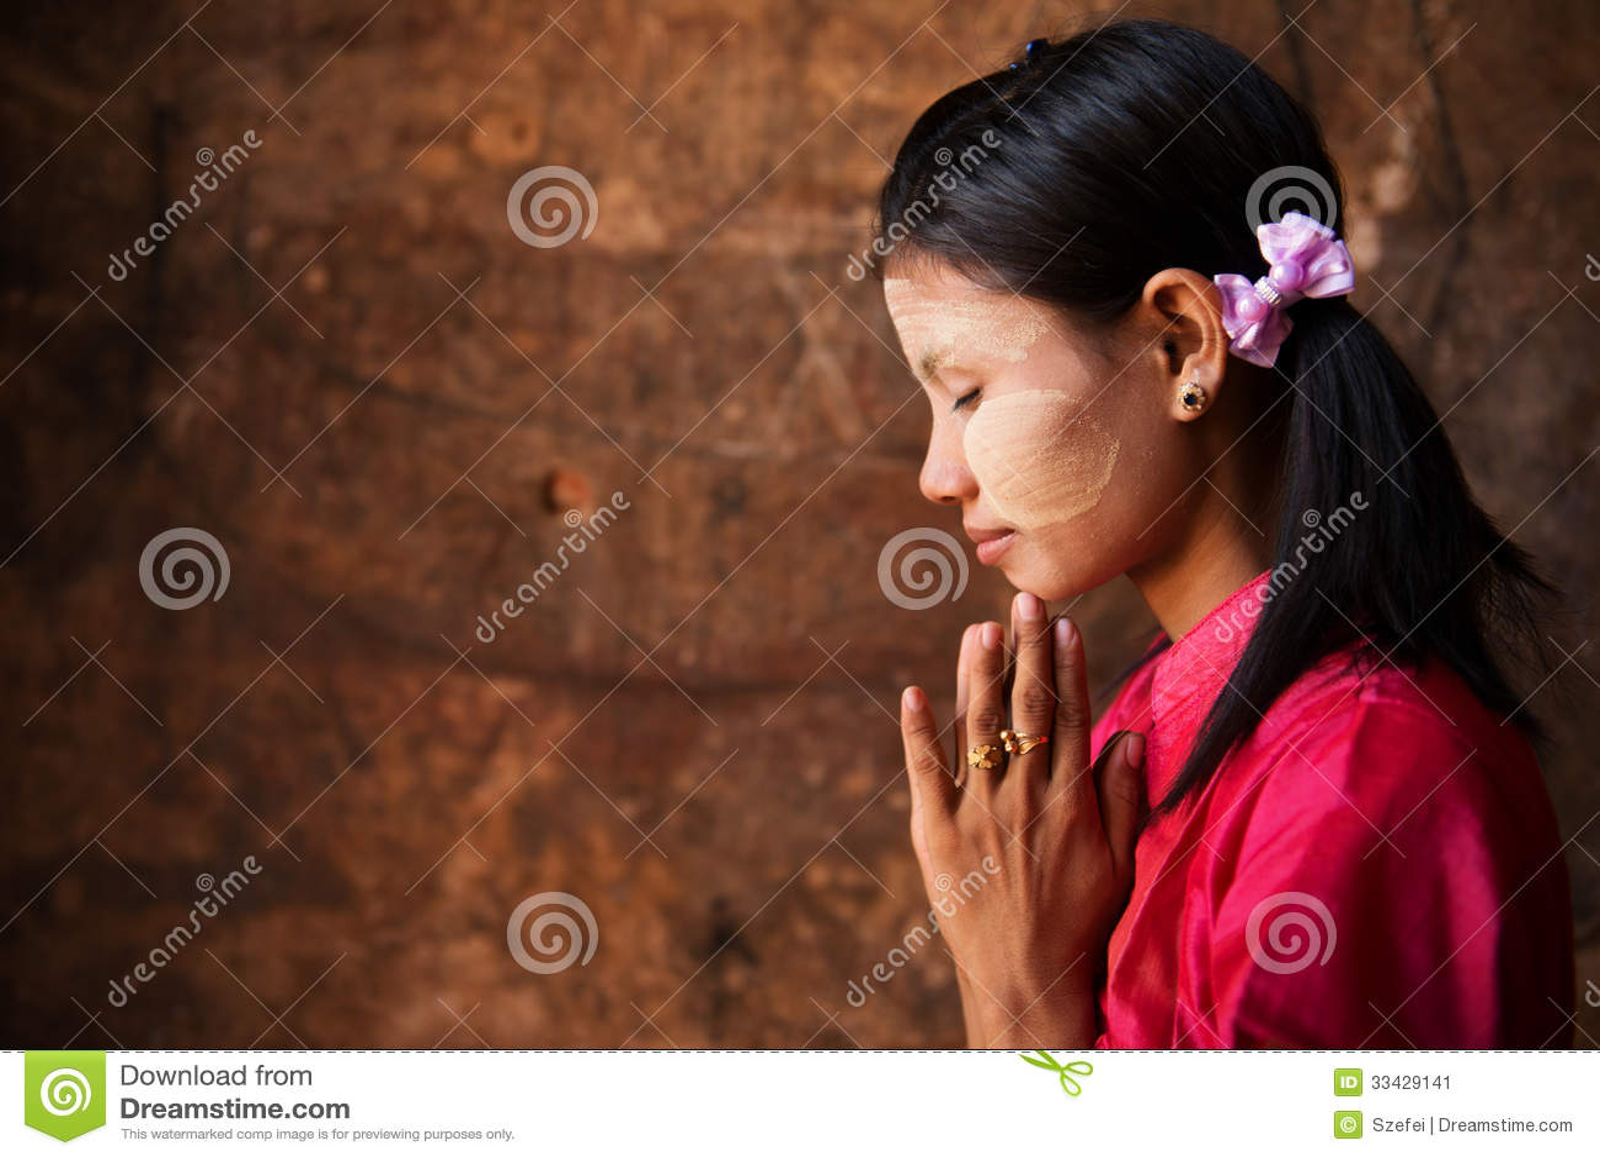 Myanmar Girl In A Praying Pose Stock Image - Image 33429141-7100